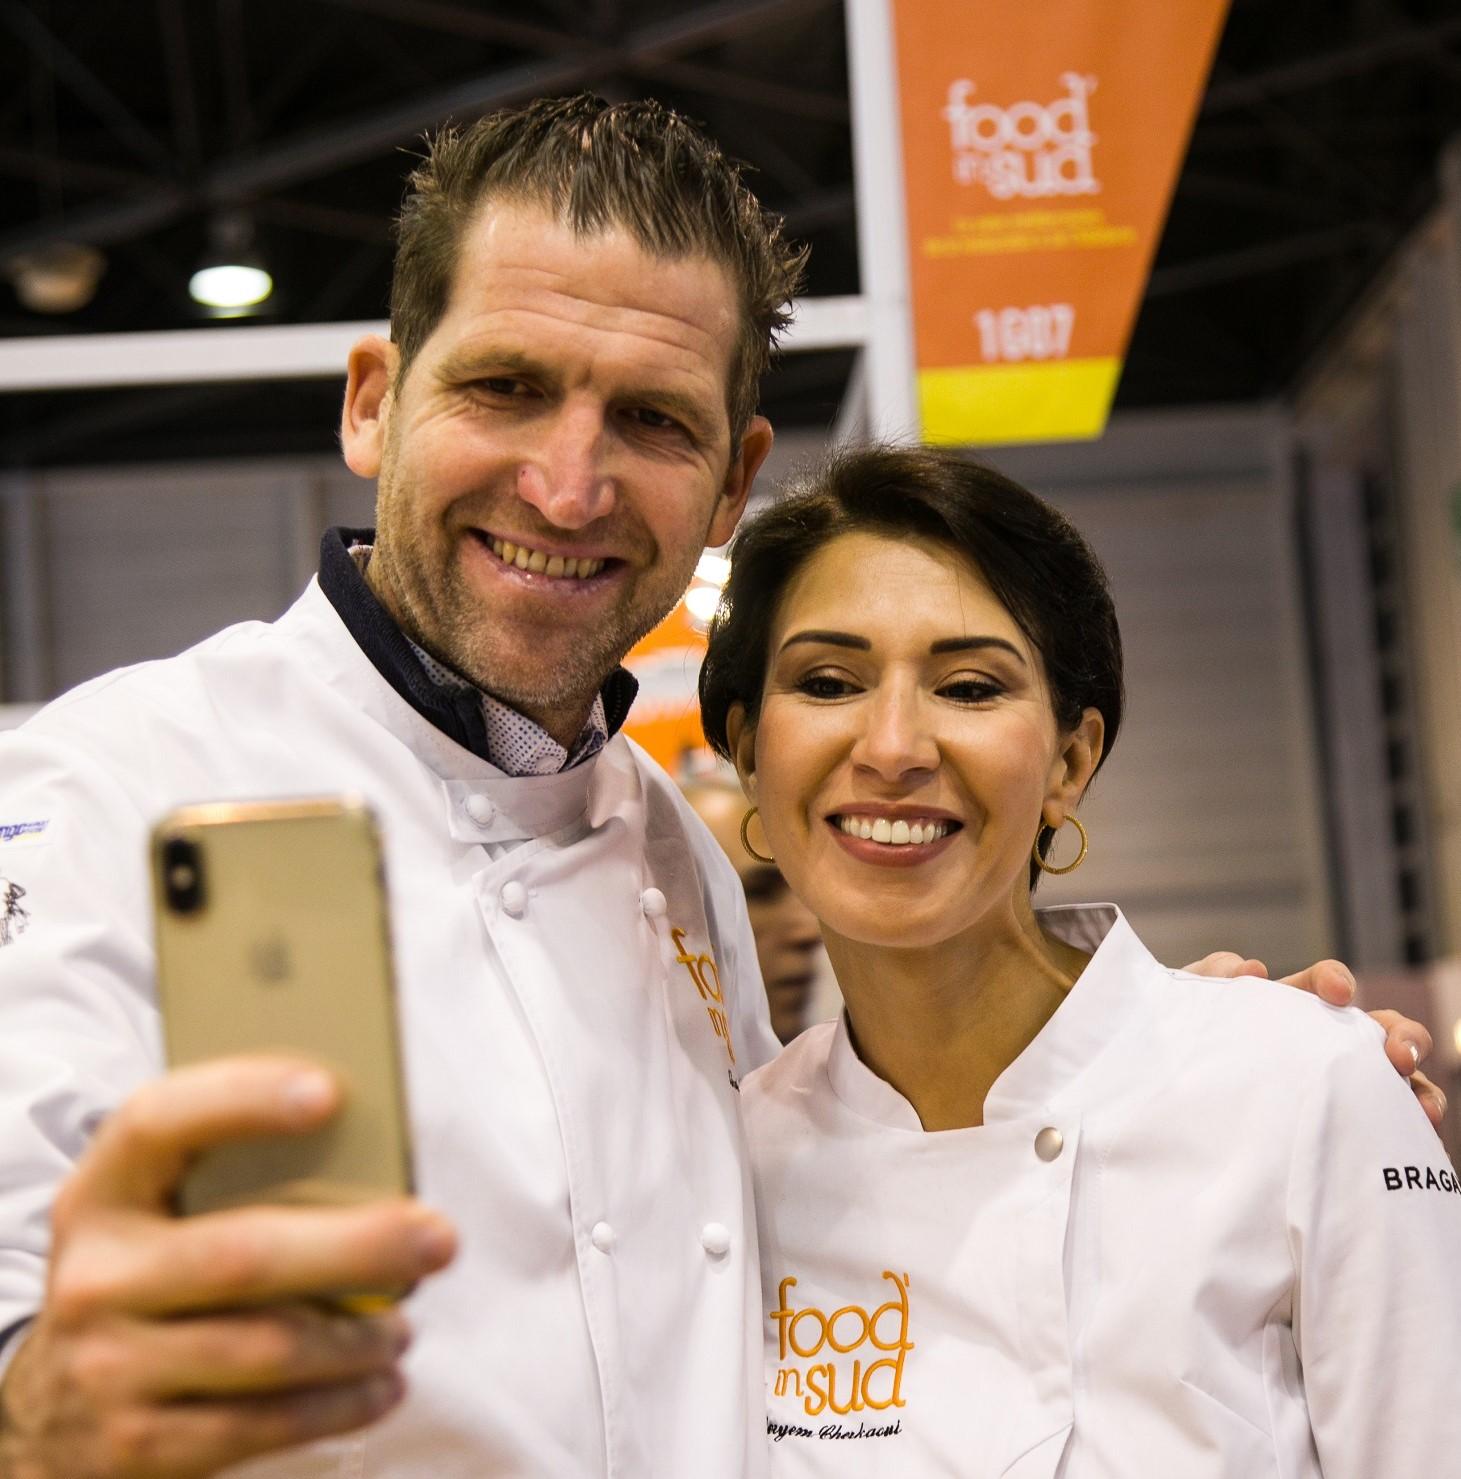 Une homme chef et une femme cheffe prenant un selfie au salon Food In Sud